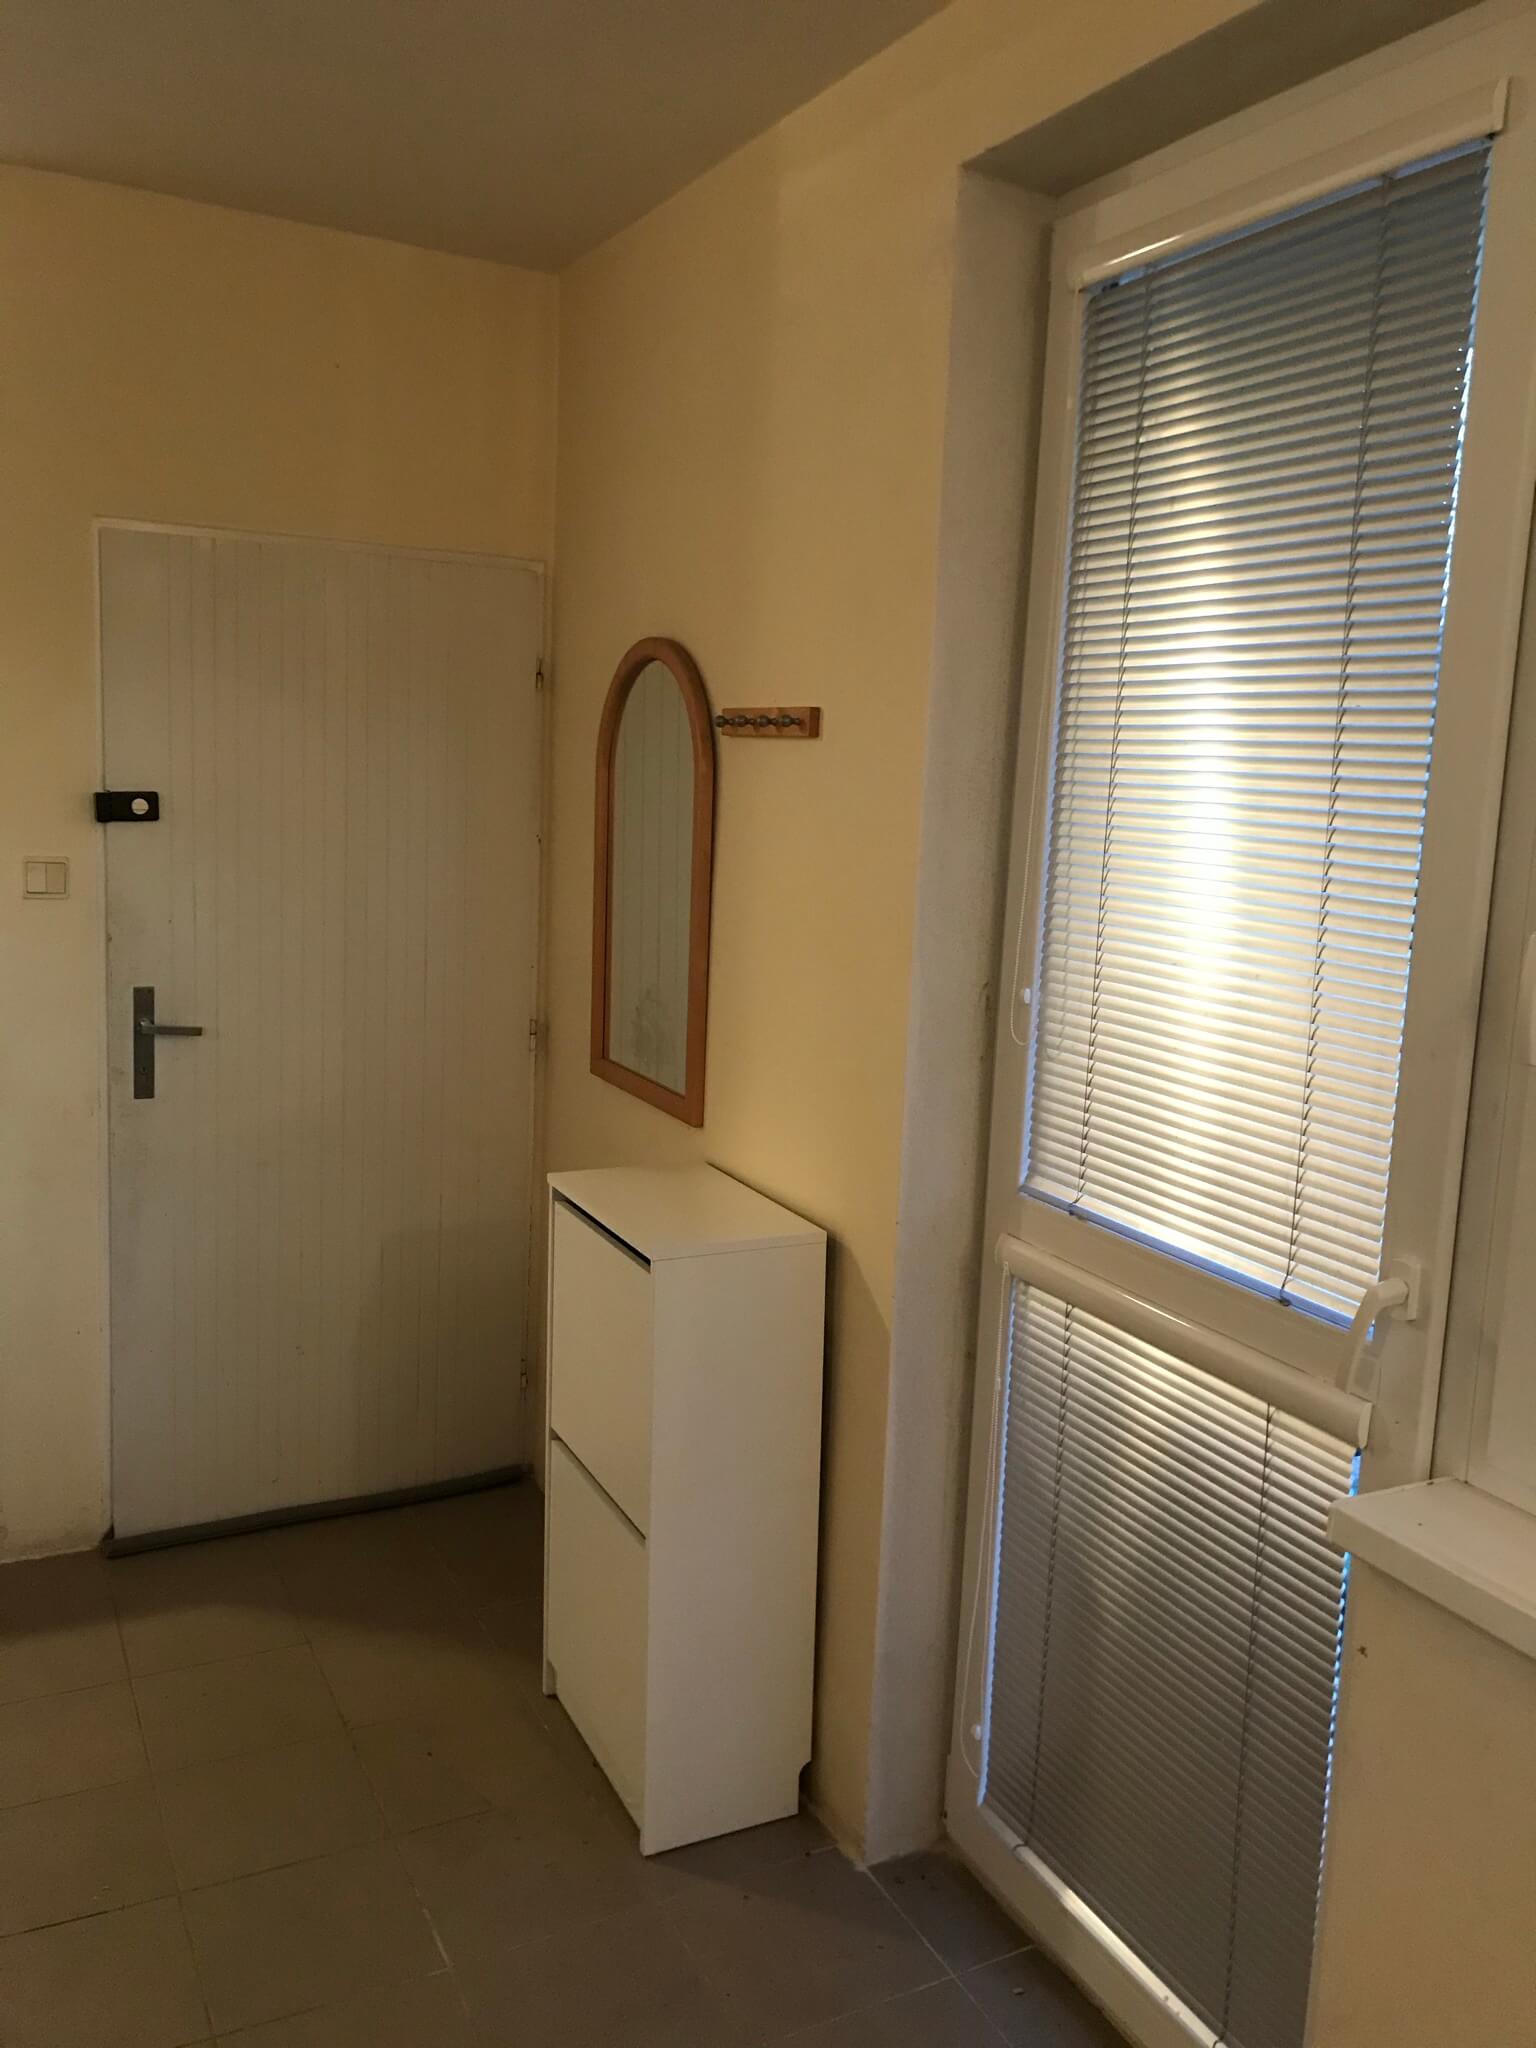 Predané: Exkluzívne 3 izbová chata o výmere 70m2 s 300m2 pozemkom, 2 podložná, v Gabčíkove pri hrádzi, kompe-15